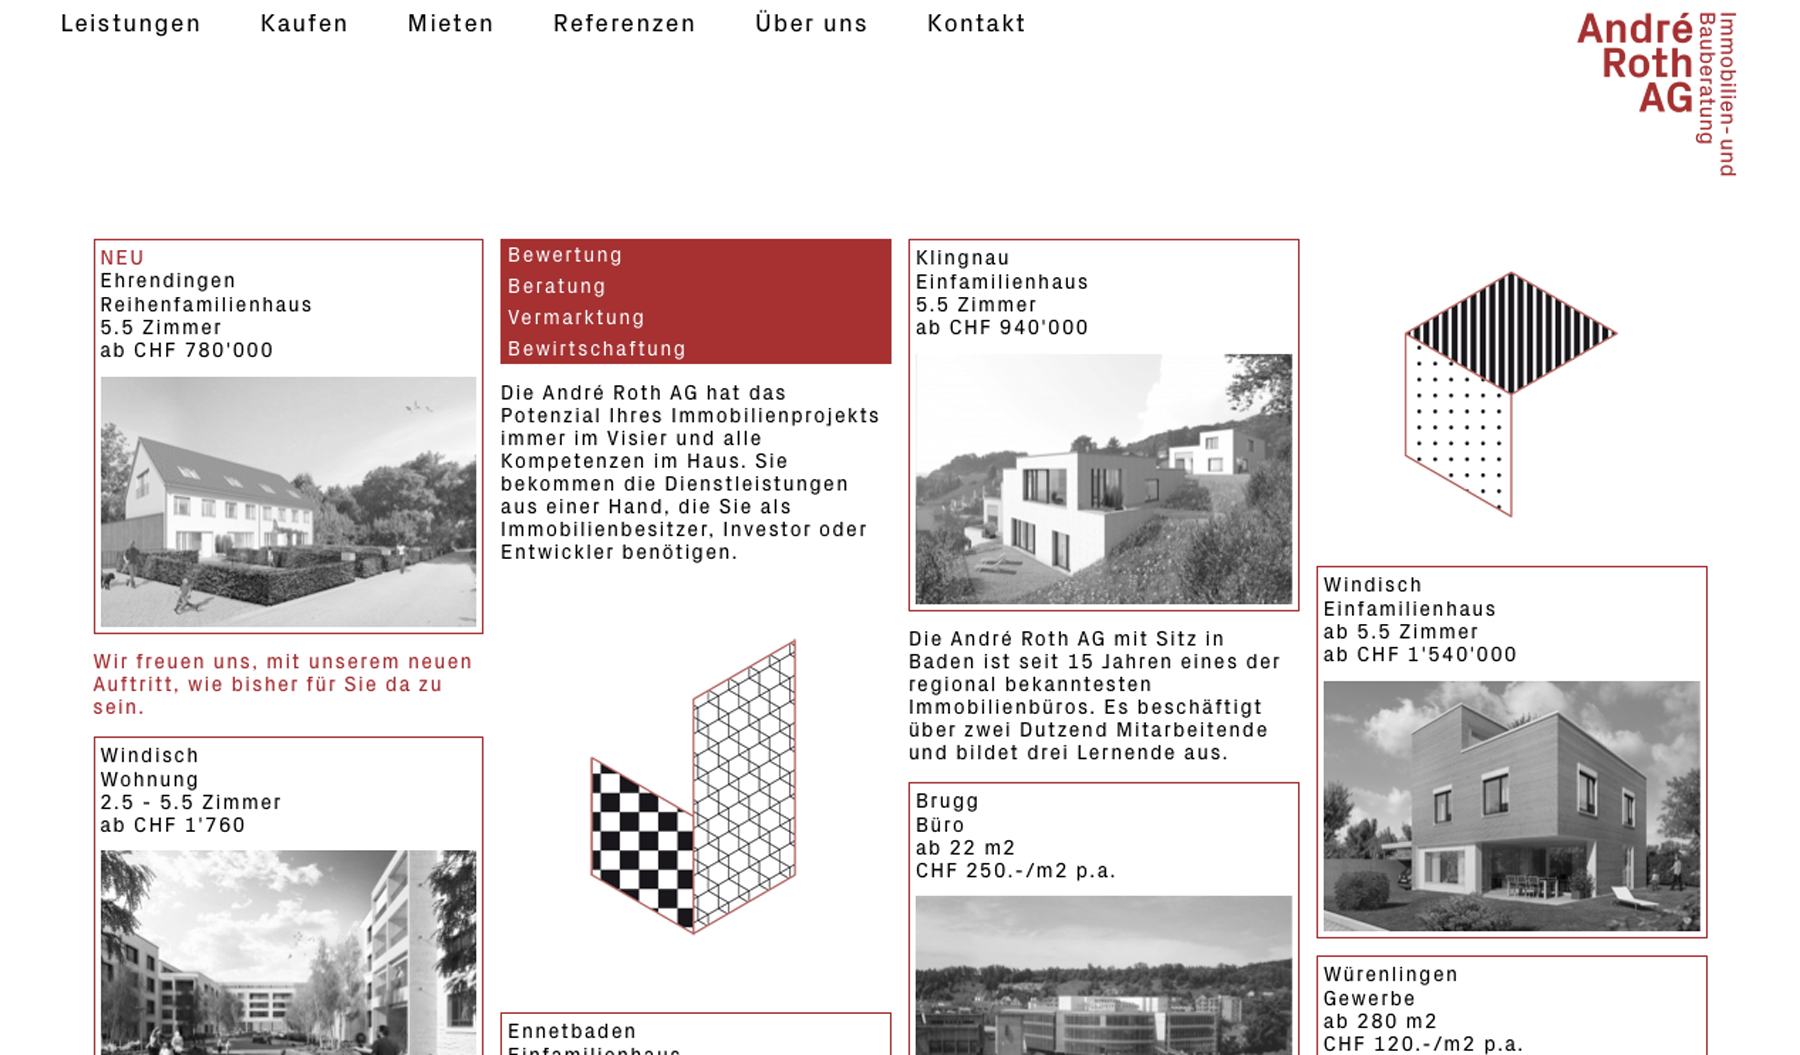 Beratung Andre Roth Immobilien Designprozess Danilo Silvestri